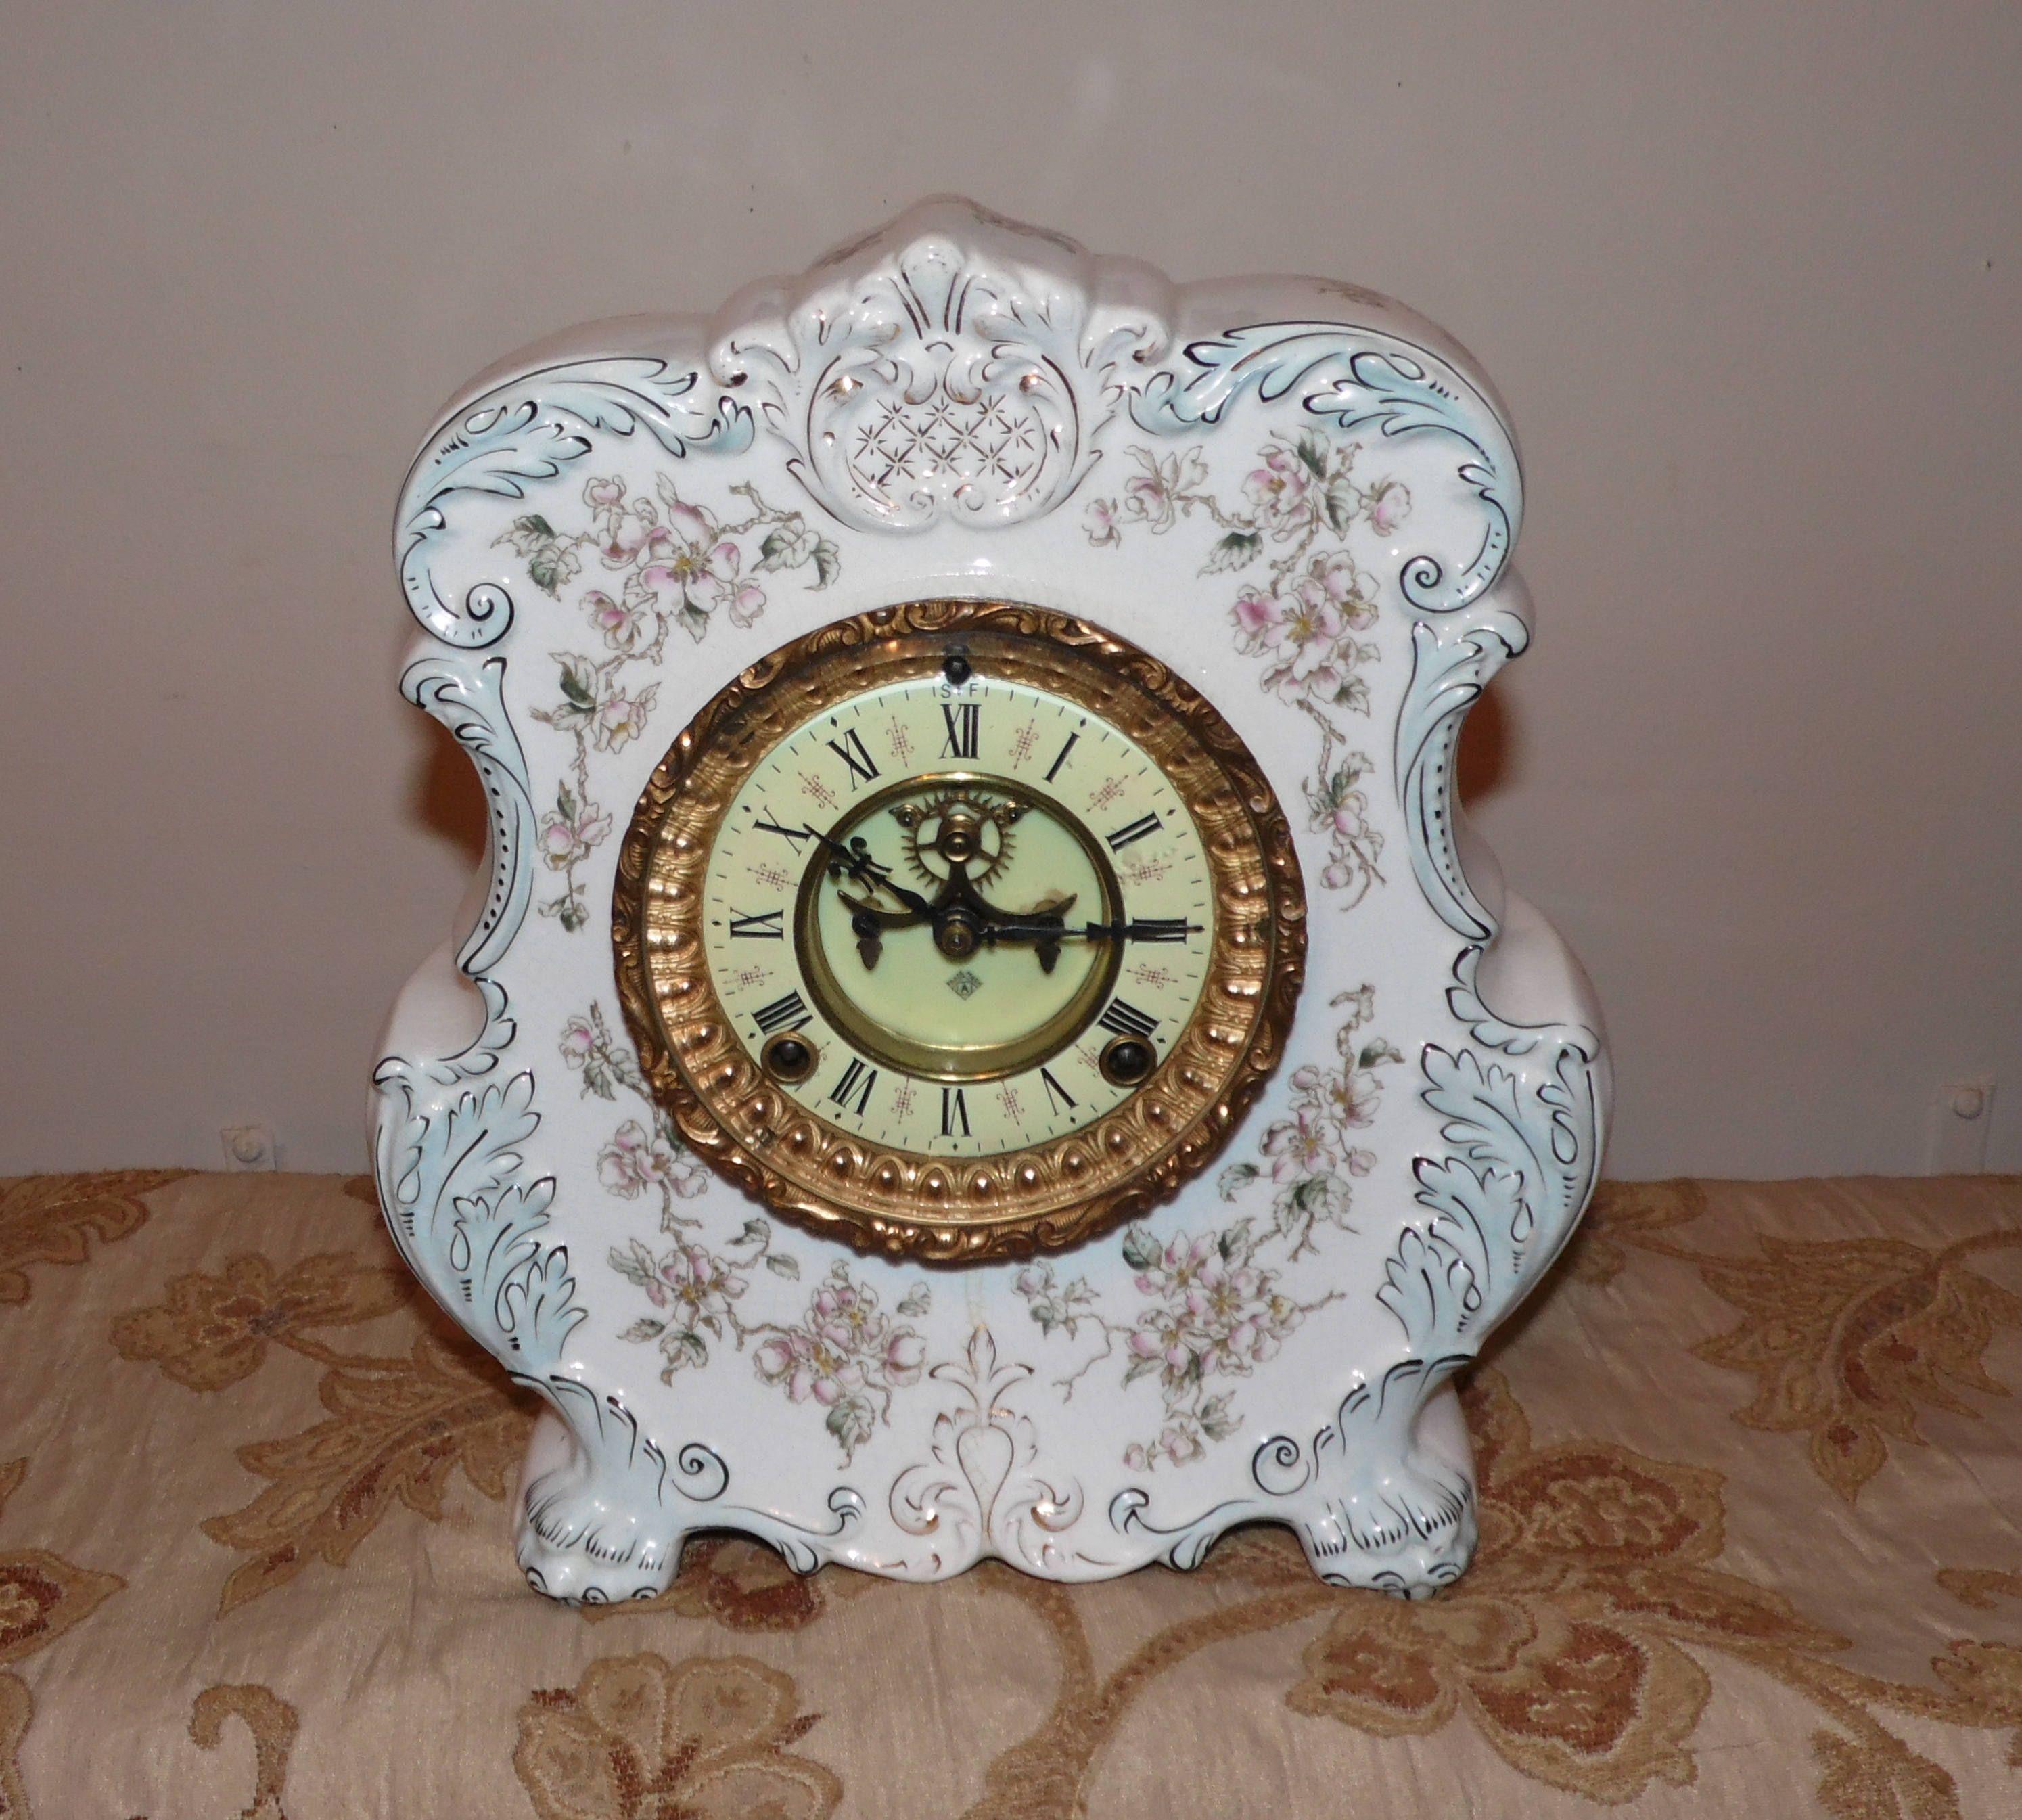 Antique Ansonia Porcelain Mantel Clock SCARCE Model 1880s Patents